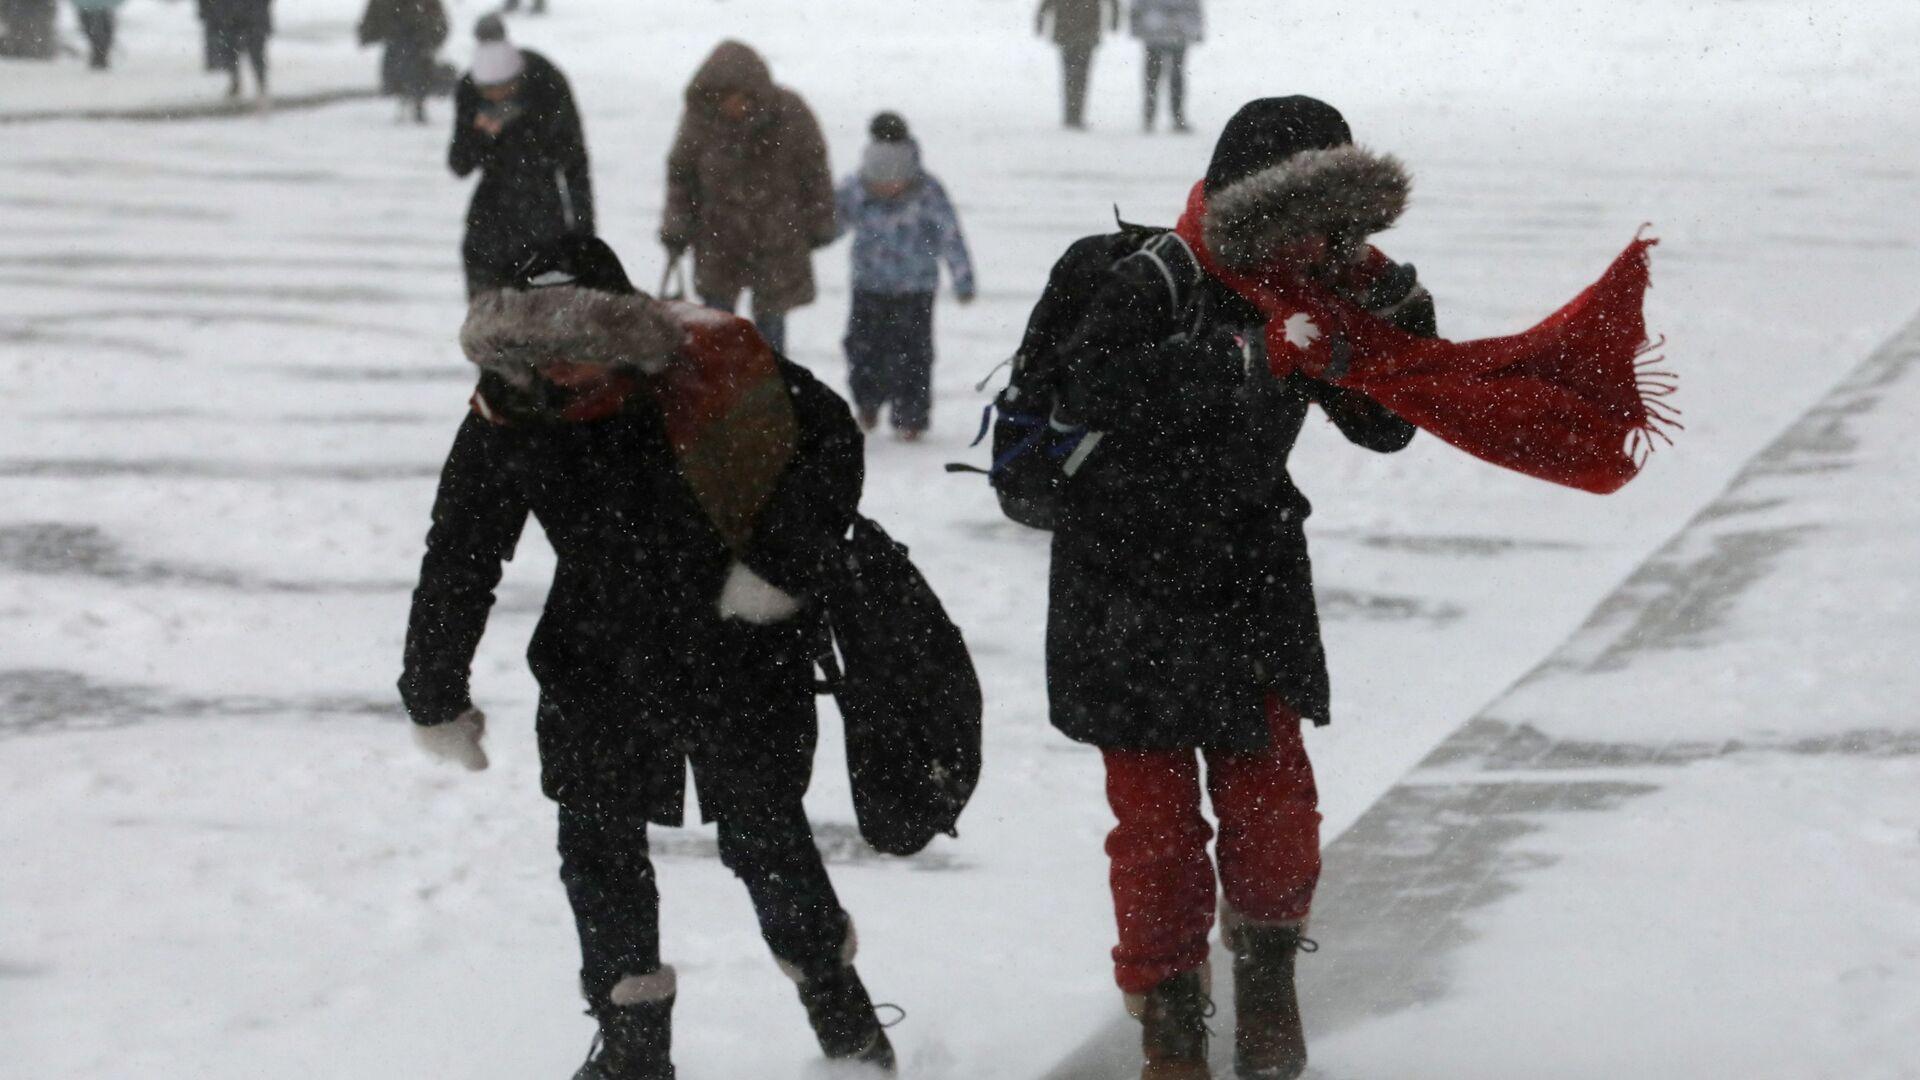 Прохожие на улице во время снегопада - РИА Новости, 1920, 13.01.2021